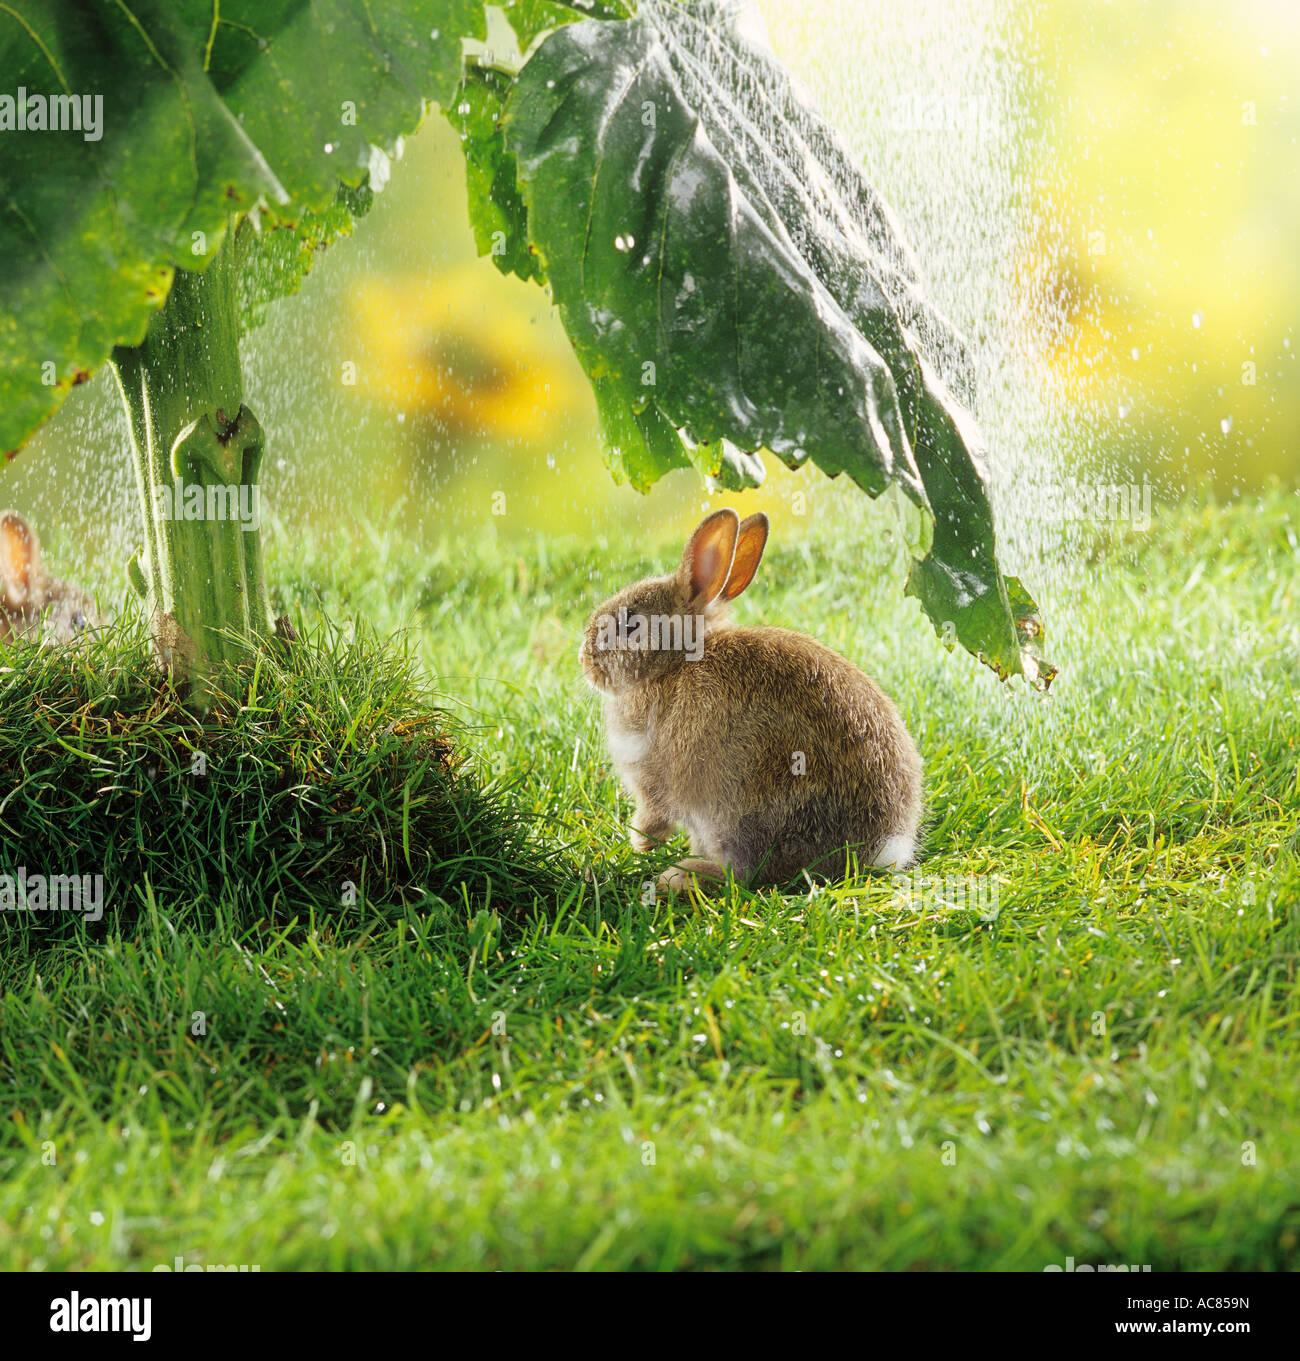 Kaninchen Regen